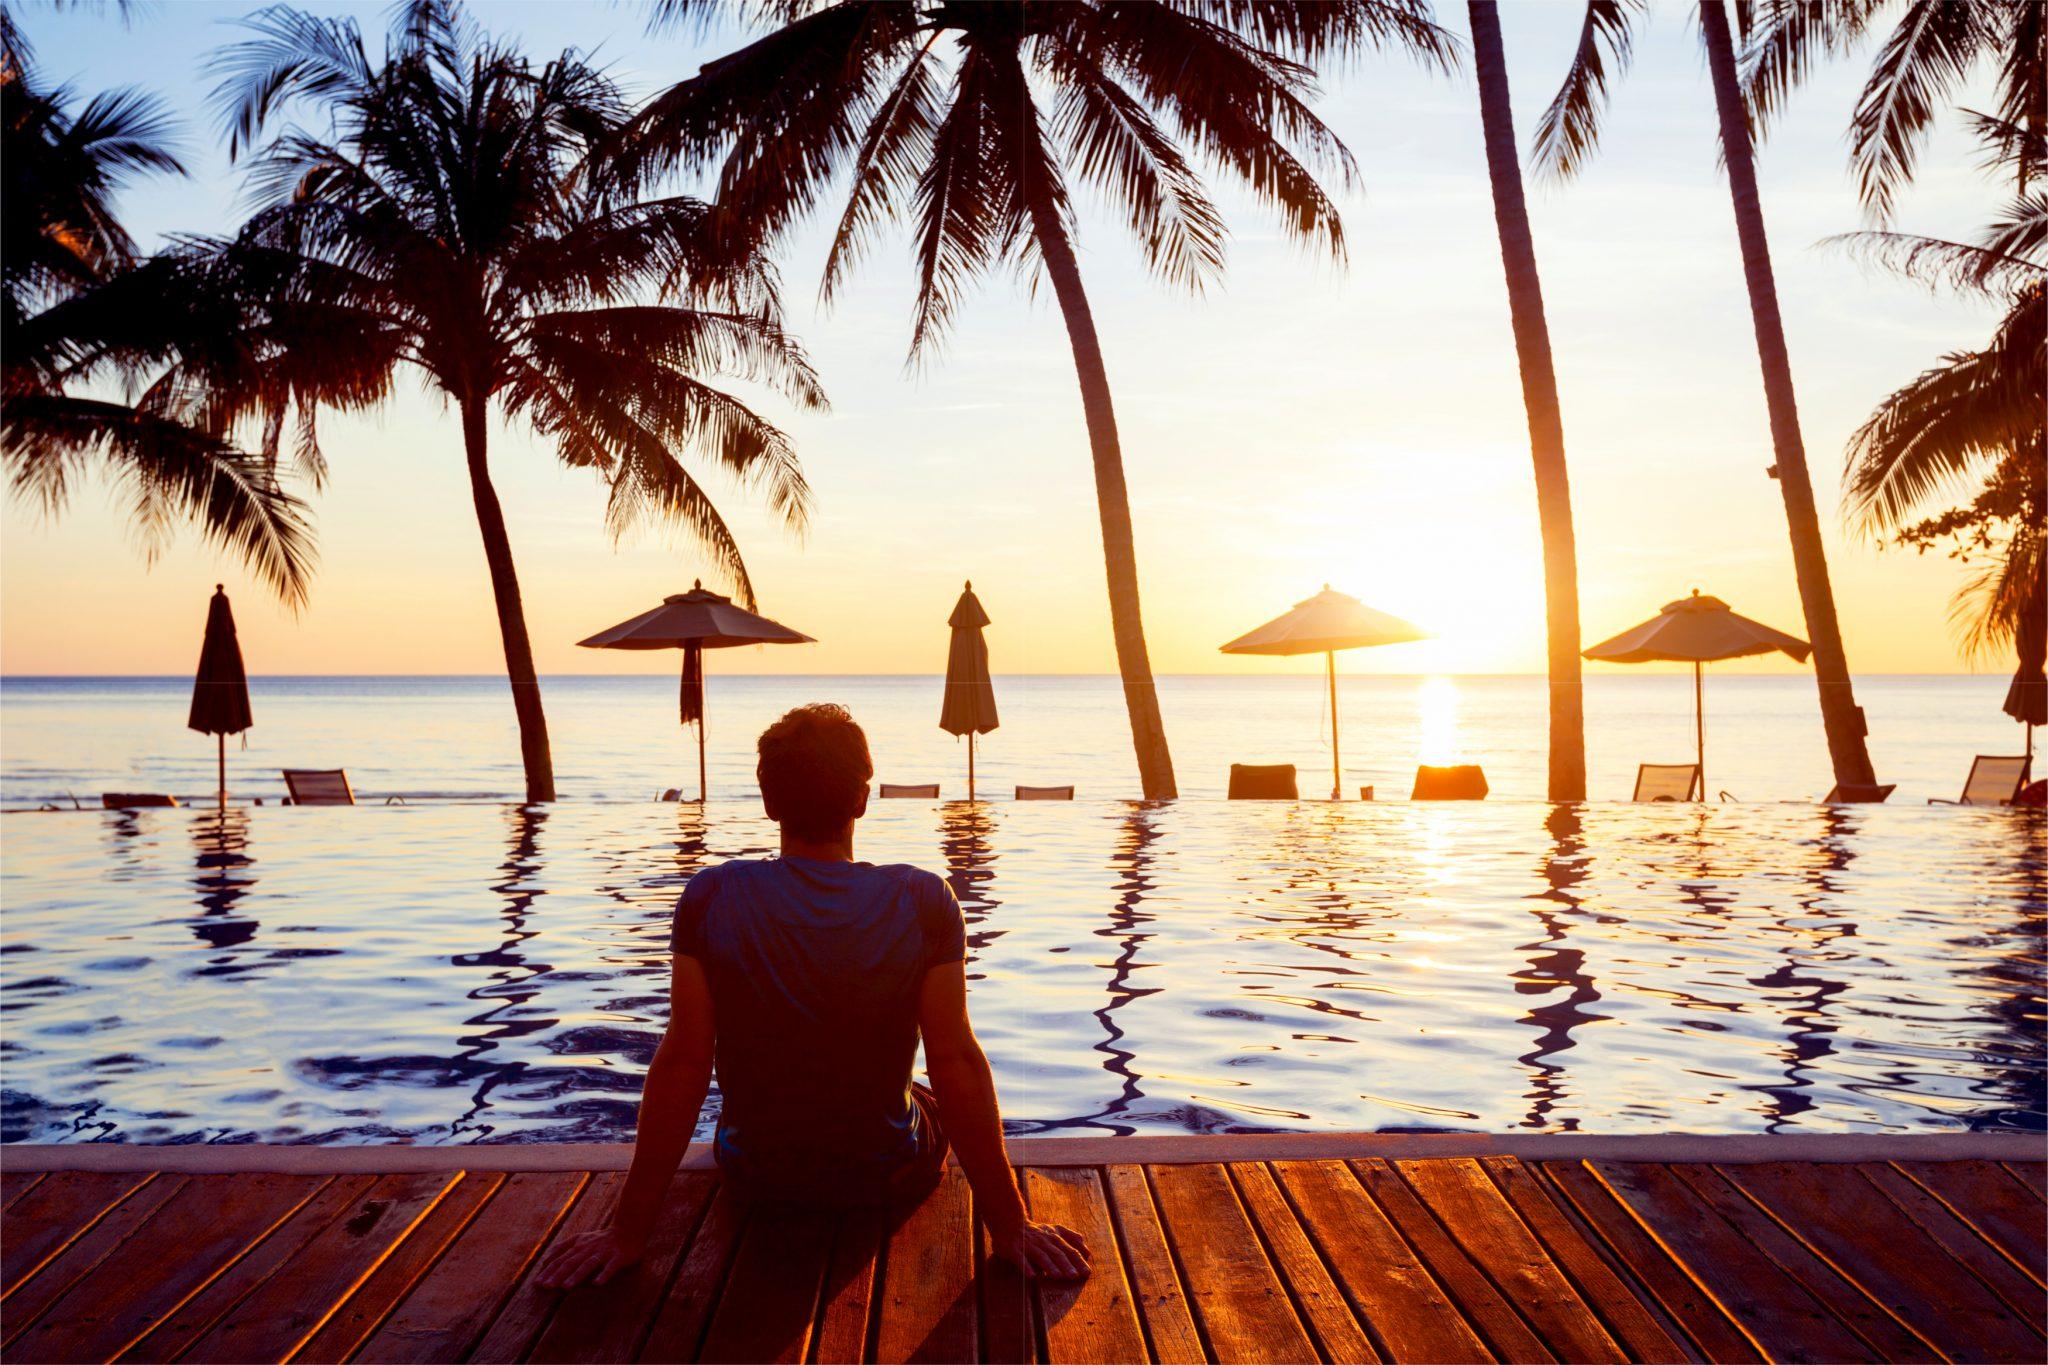 海辺で夕日を見ながらリラックスしている男性